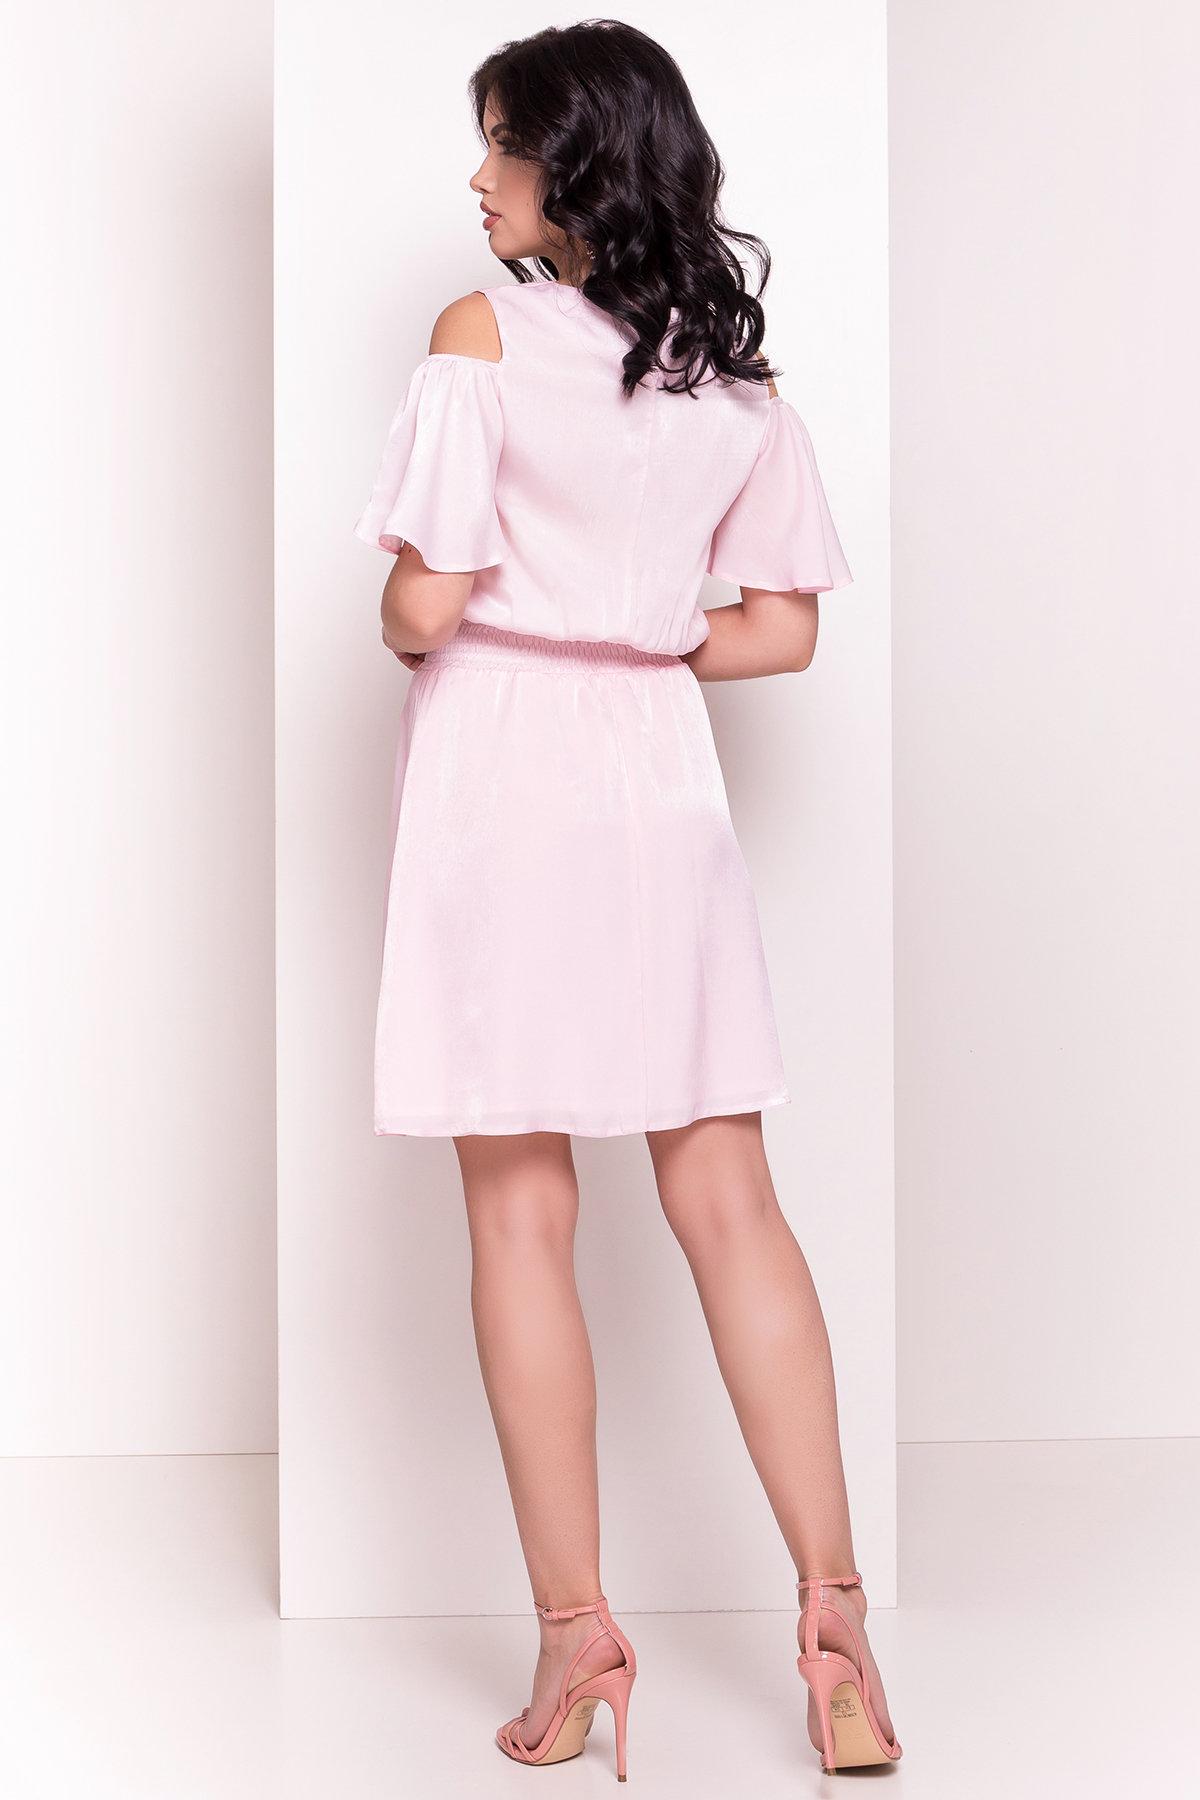 Платье Лолли 5073 АРТ. 35732 Цвет: Розовый - фото 3, интернет магазин tm-modus.ru